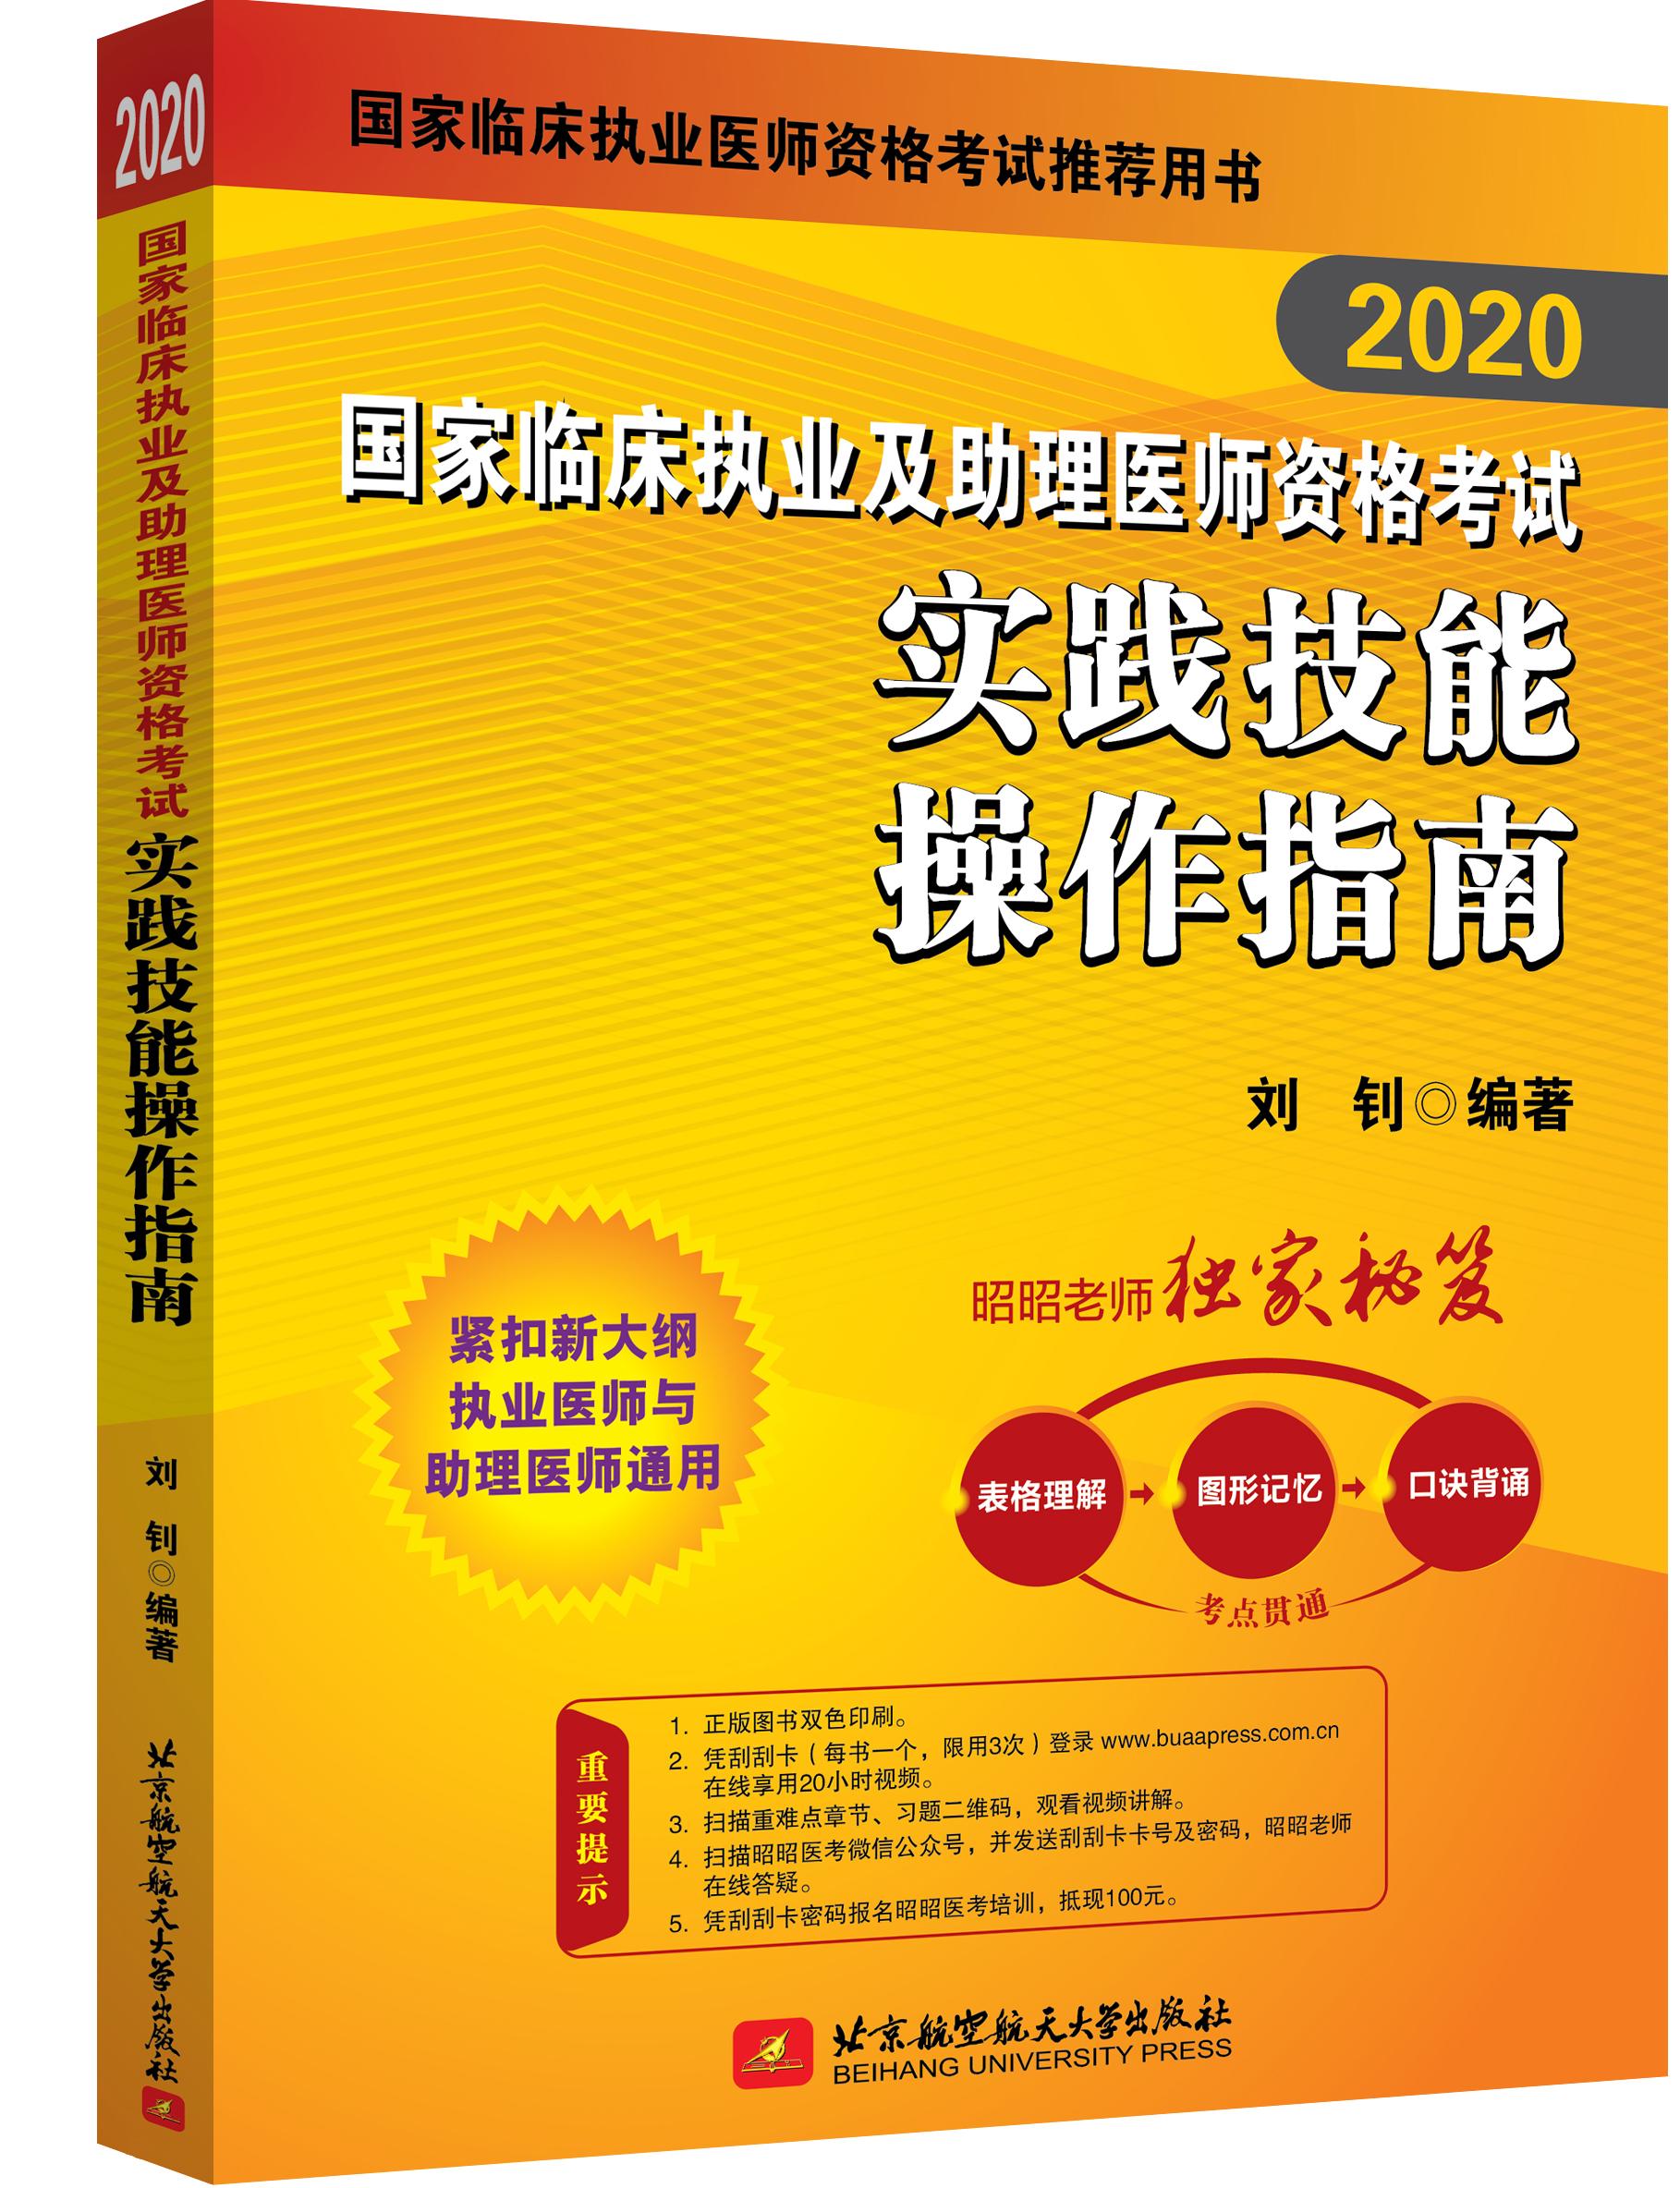 2020国家临床执业及助理医师资格考试实践技能操作指南